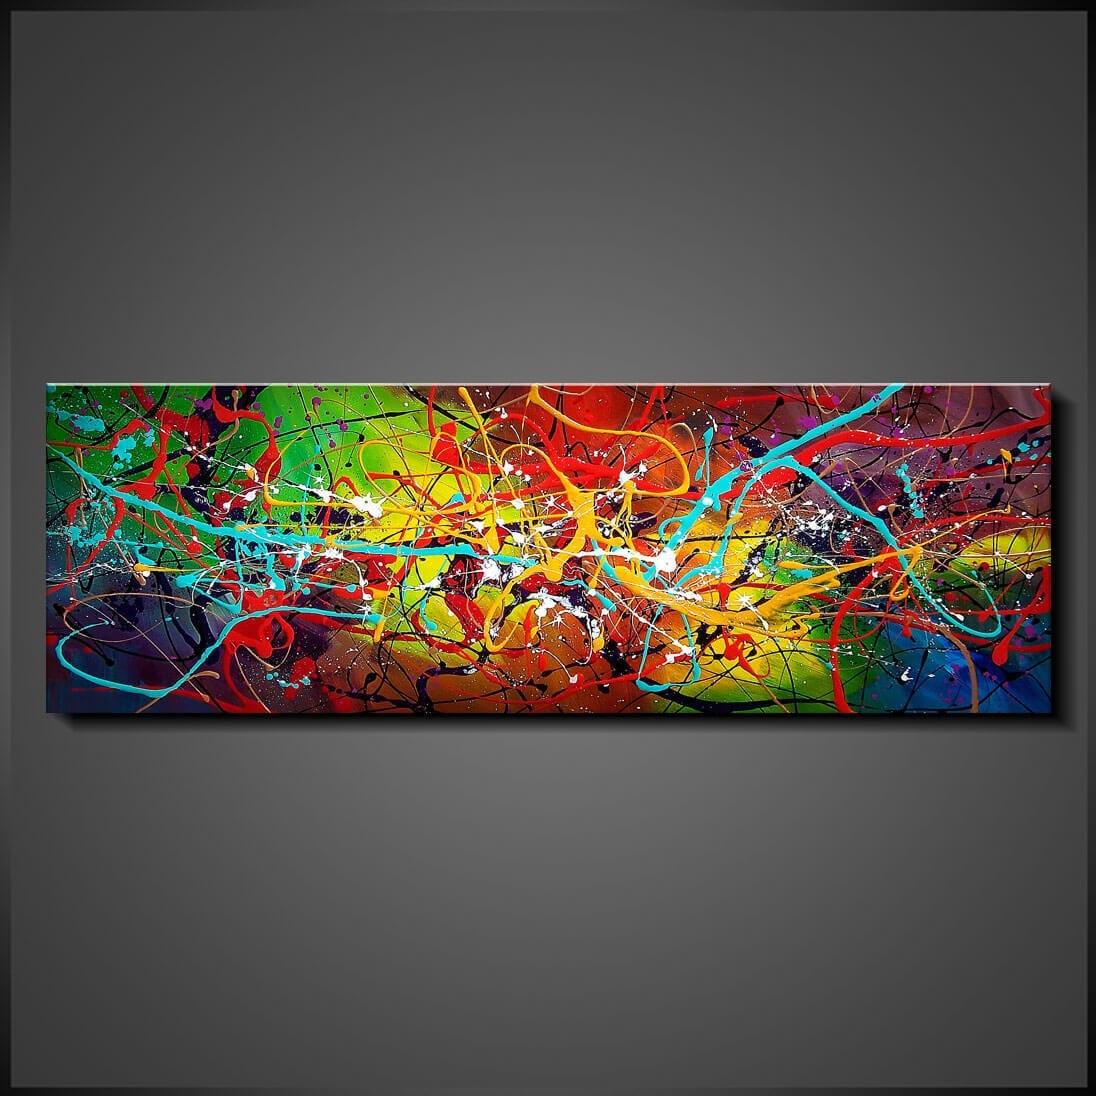 Super ABSTRACTE schilderijen | Koop abstracte schilderijen | Mynewart.nl PY-32